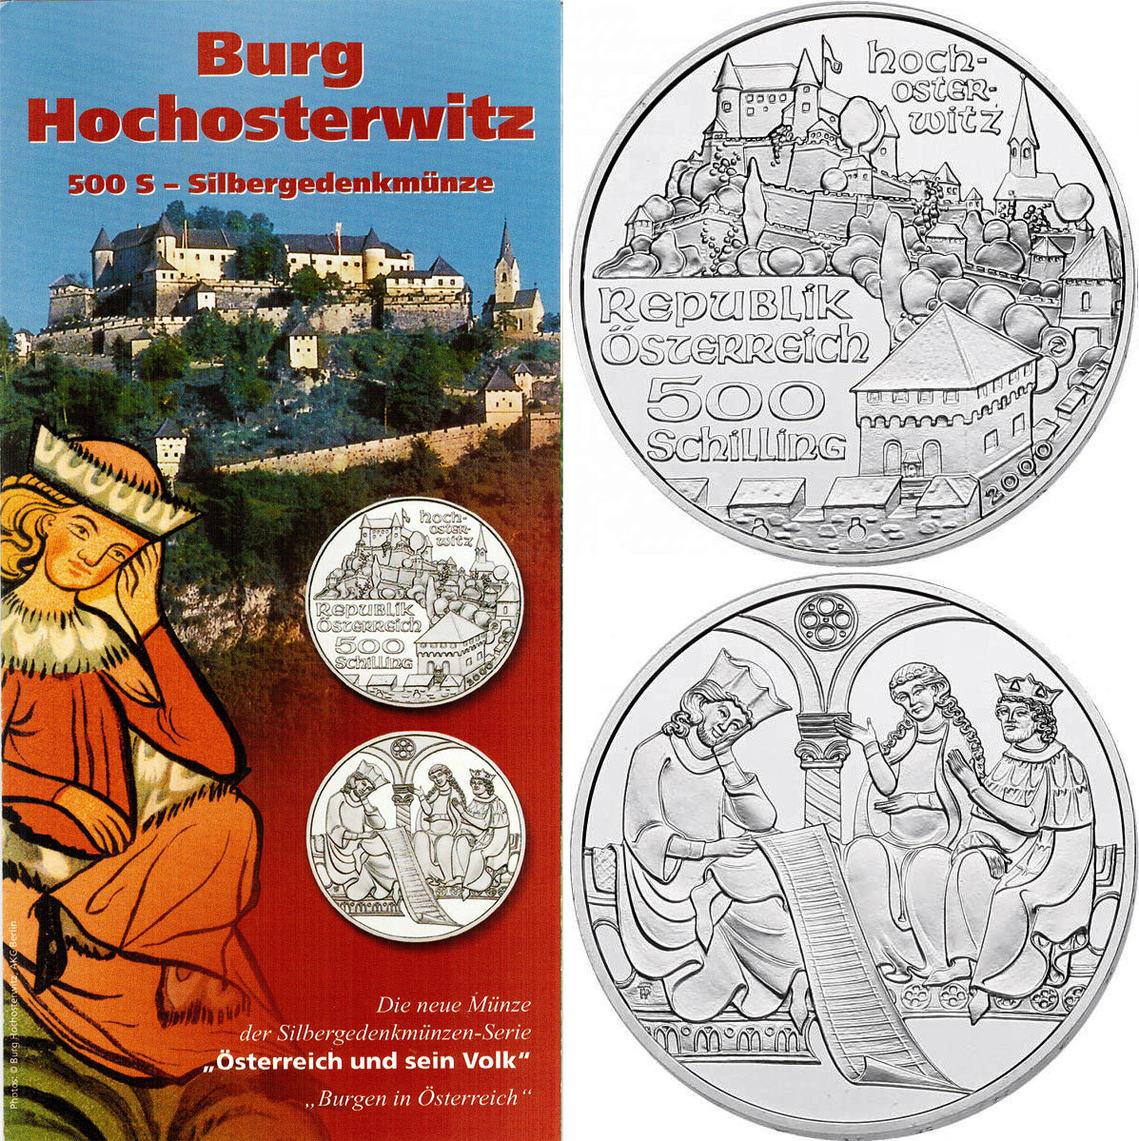 """500 Schilling 2000 Österreich - II.Republik """"Burg Hochosterwitz"""" stgl. mit Begleitfolder"""